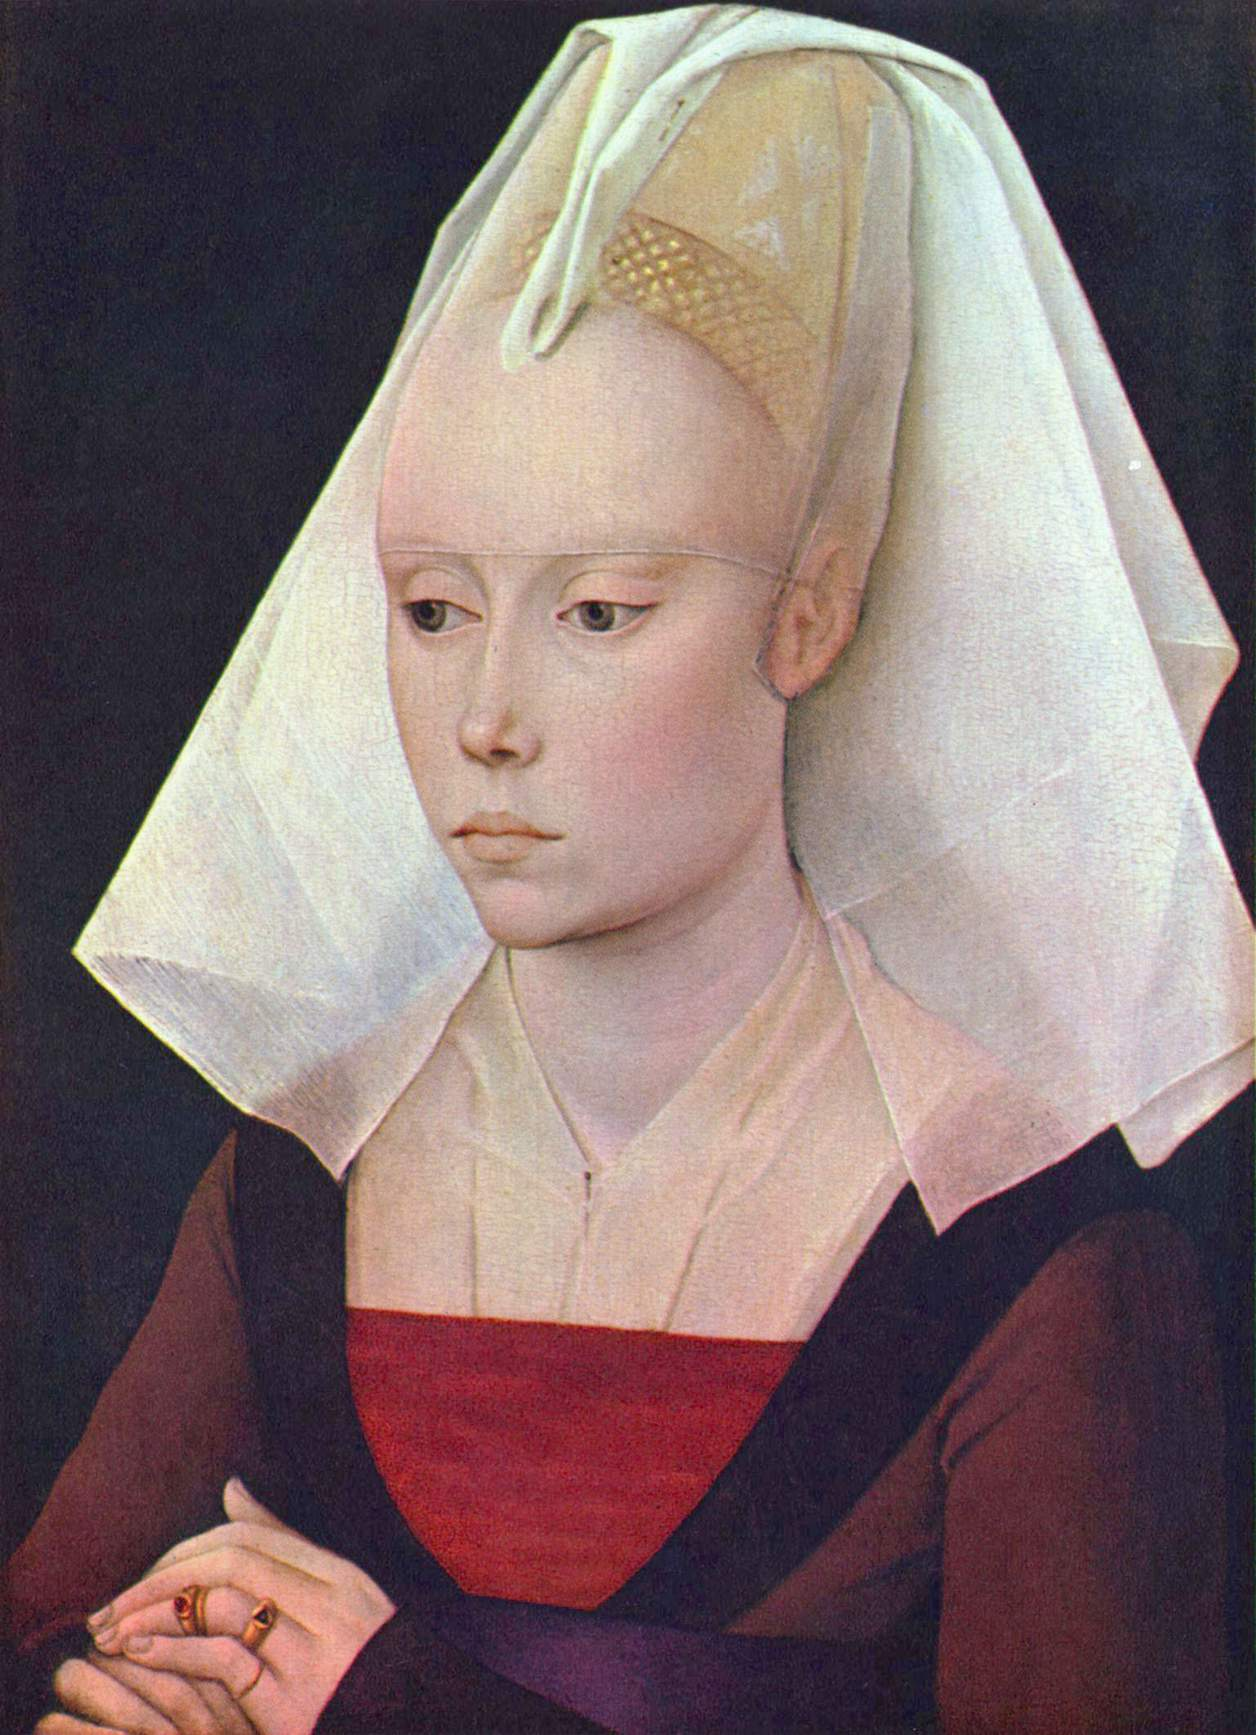 Portait d'une Dame au XVe siècle.